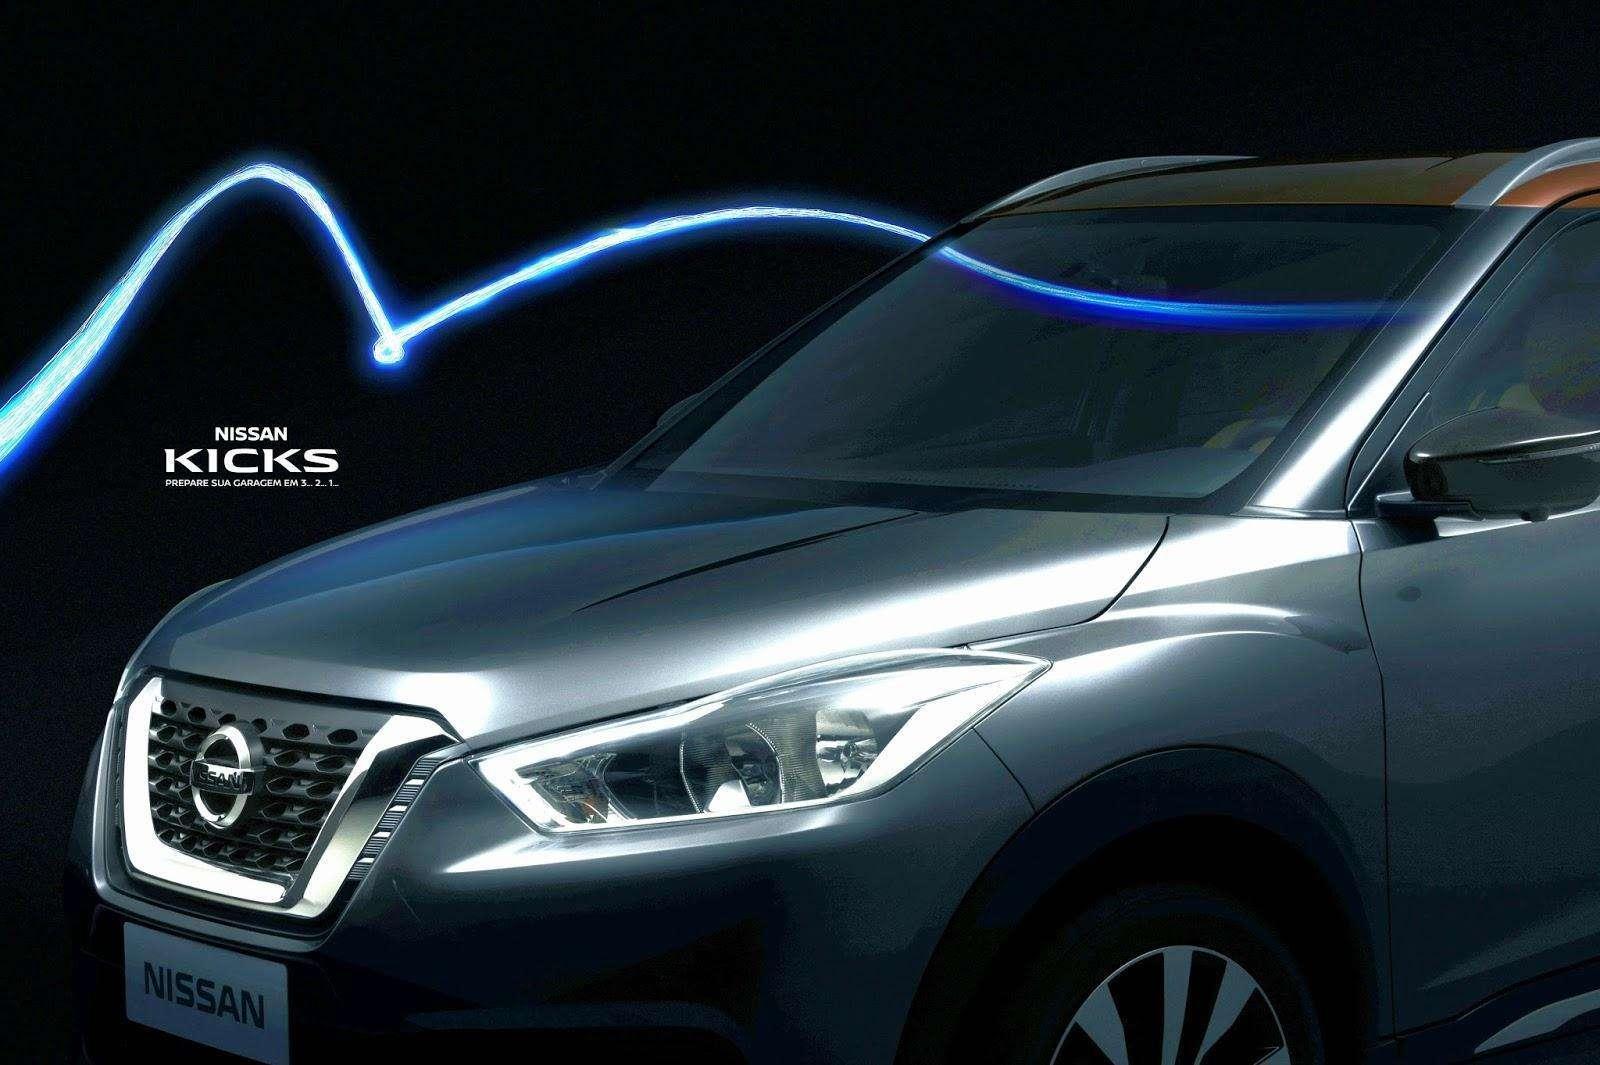 Nissan Kicks, carro oficial das Olimpíadas 2016, tem frente revelada